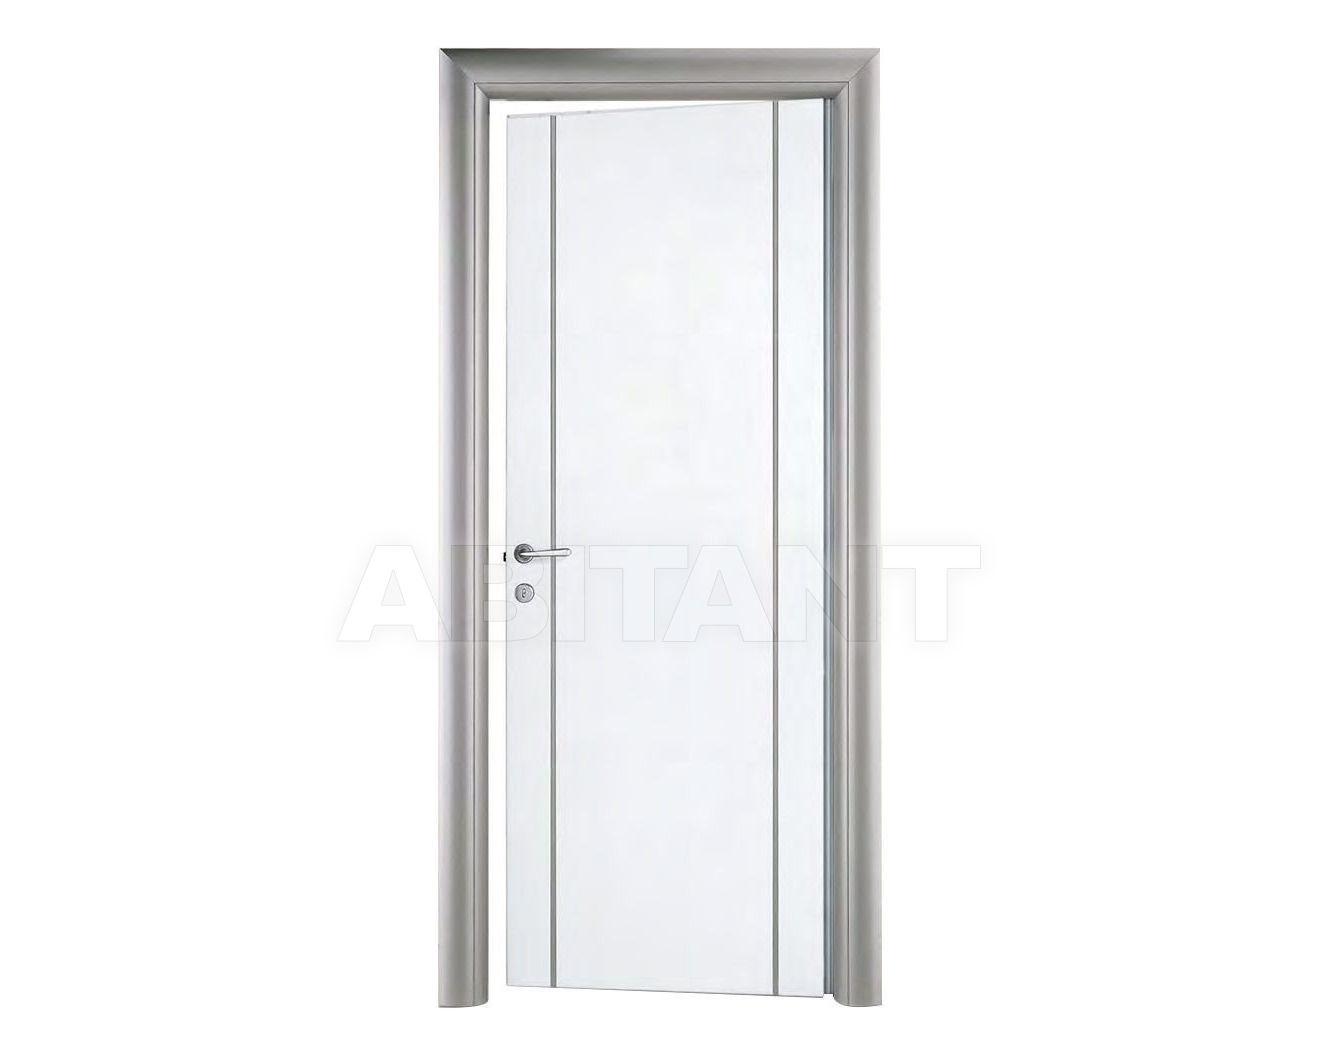 Купить Дверь деревянная Fioravazzi Lisce PAOLA 24 CENtRALE LARGO